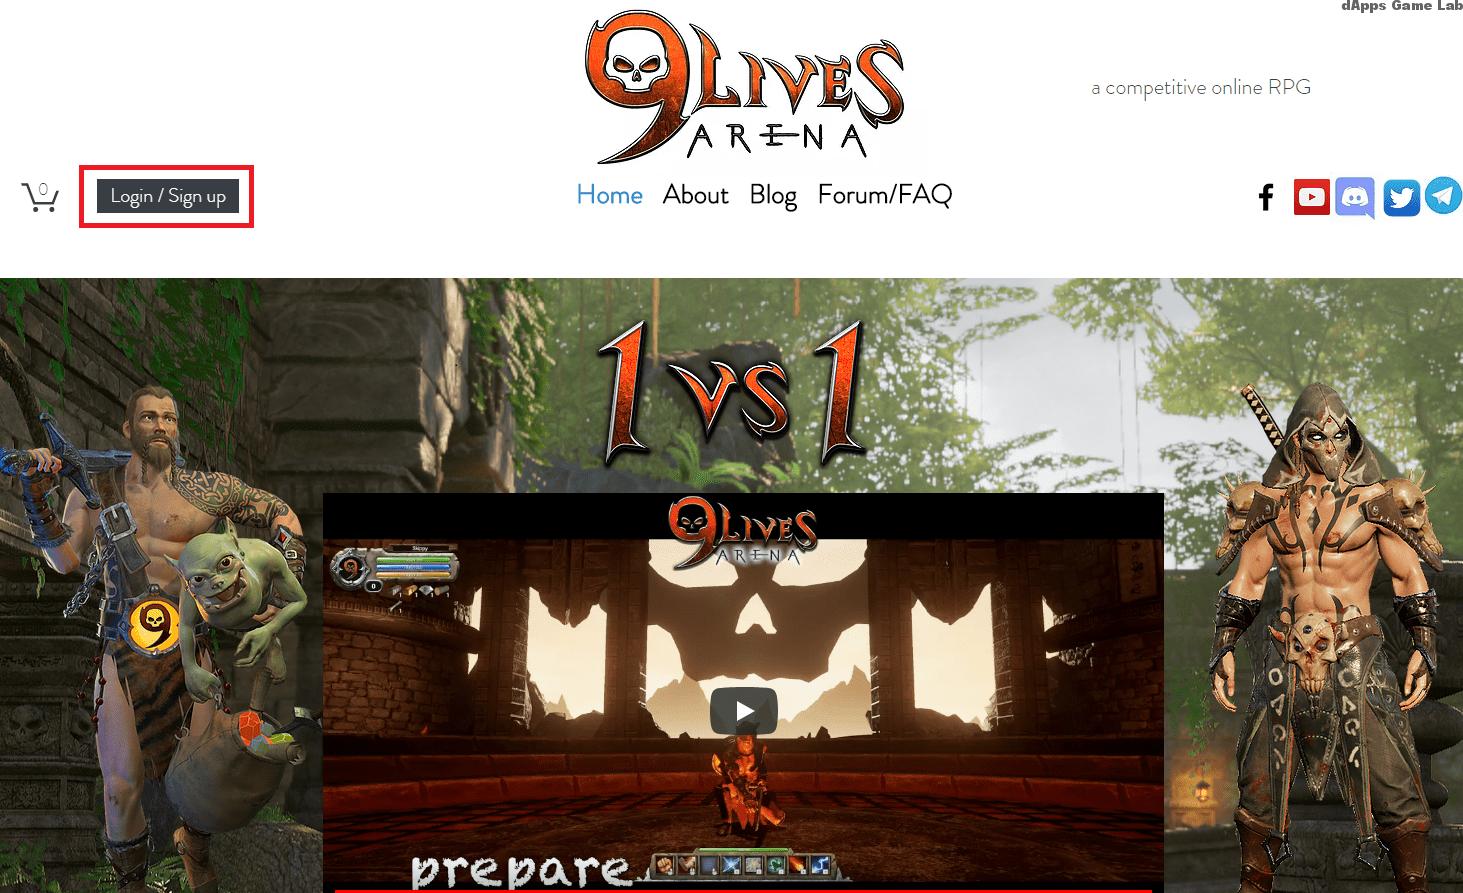 9Lives Arena-6